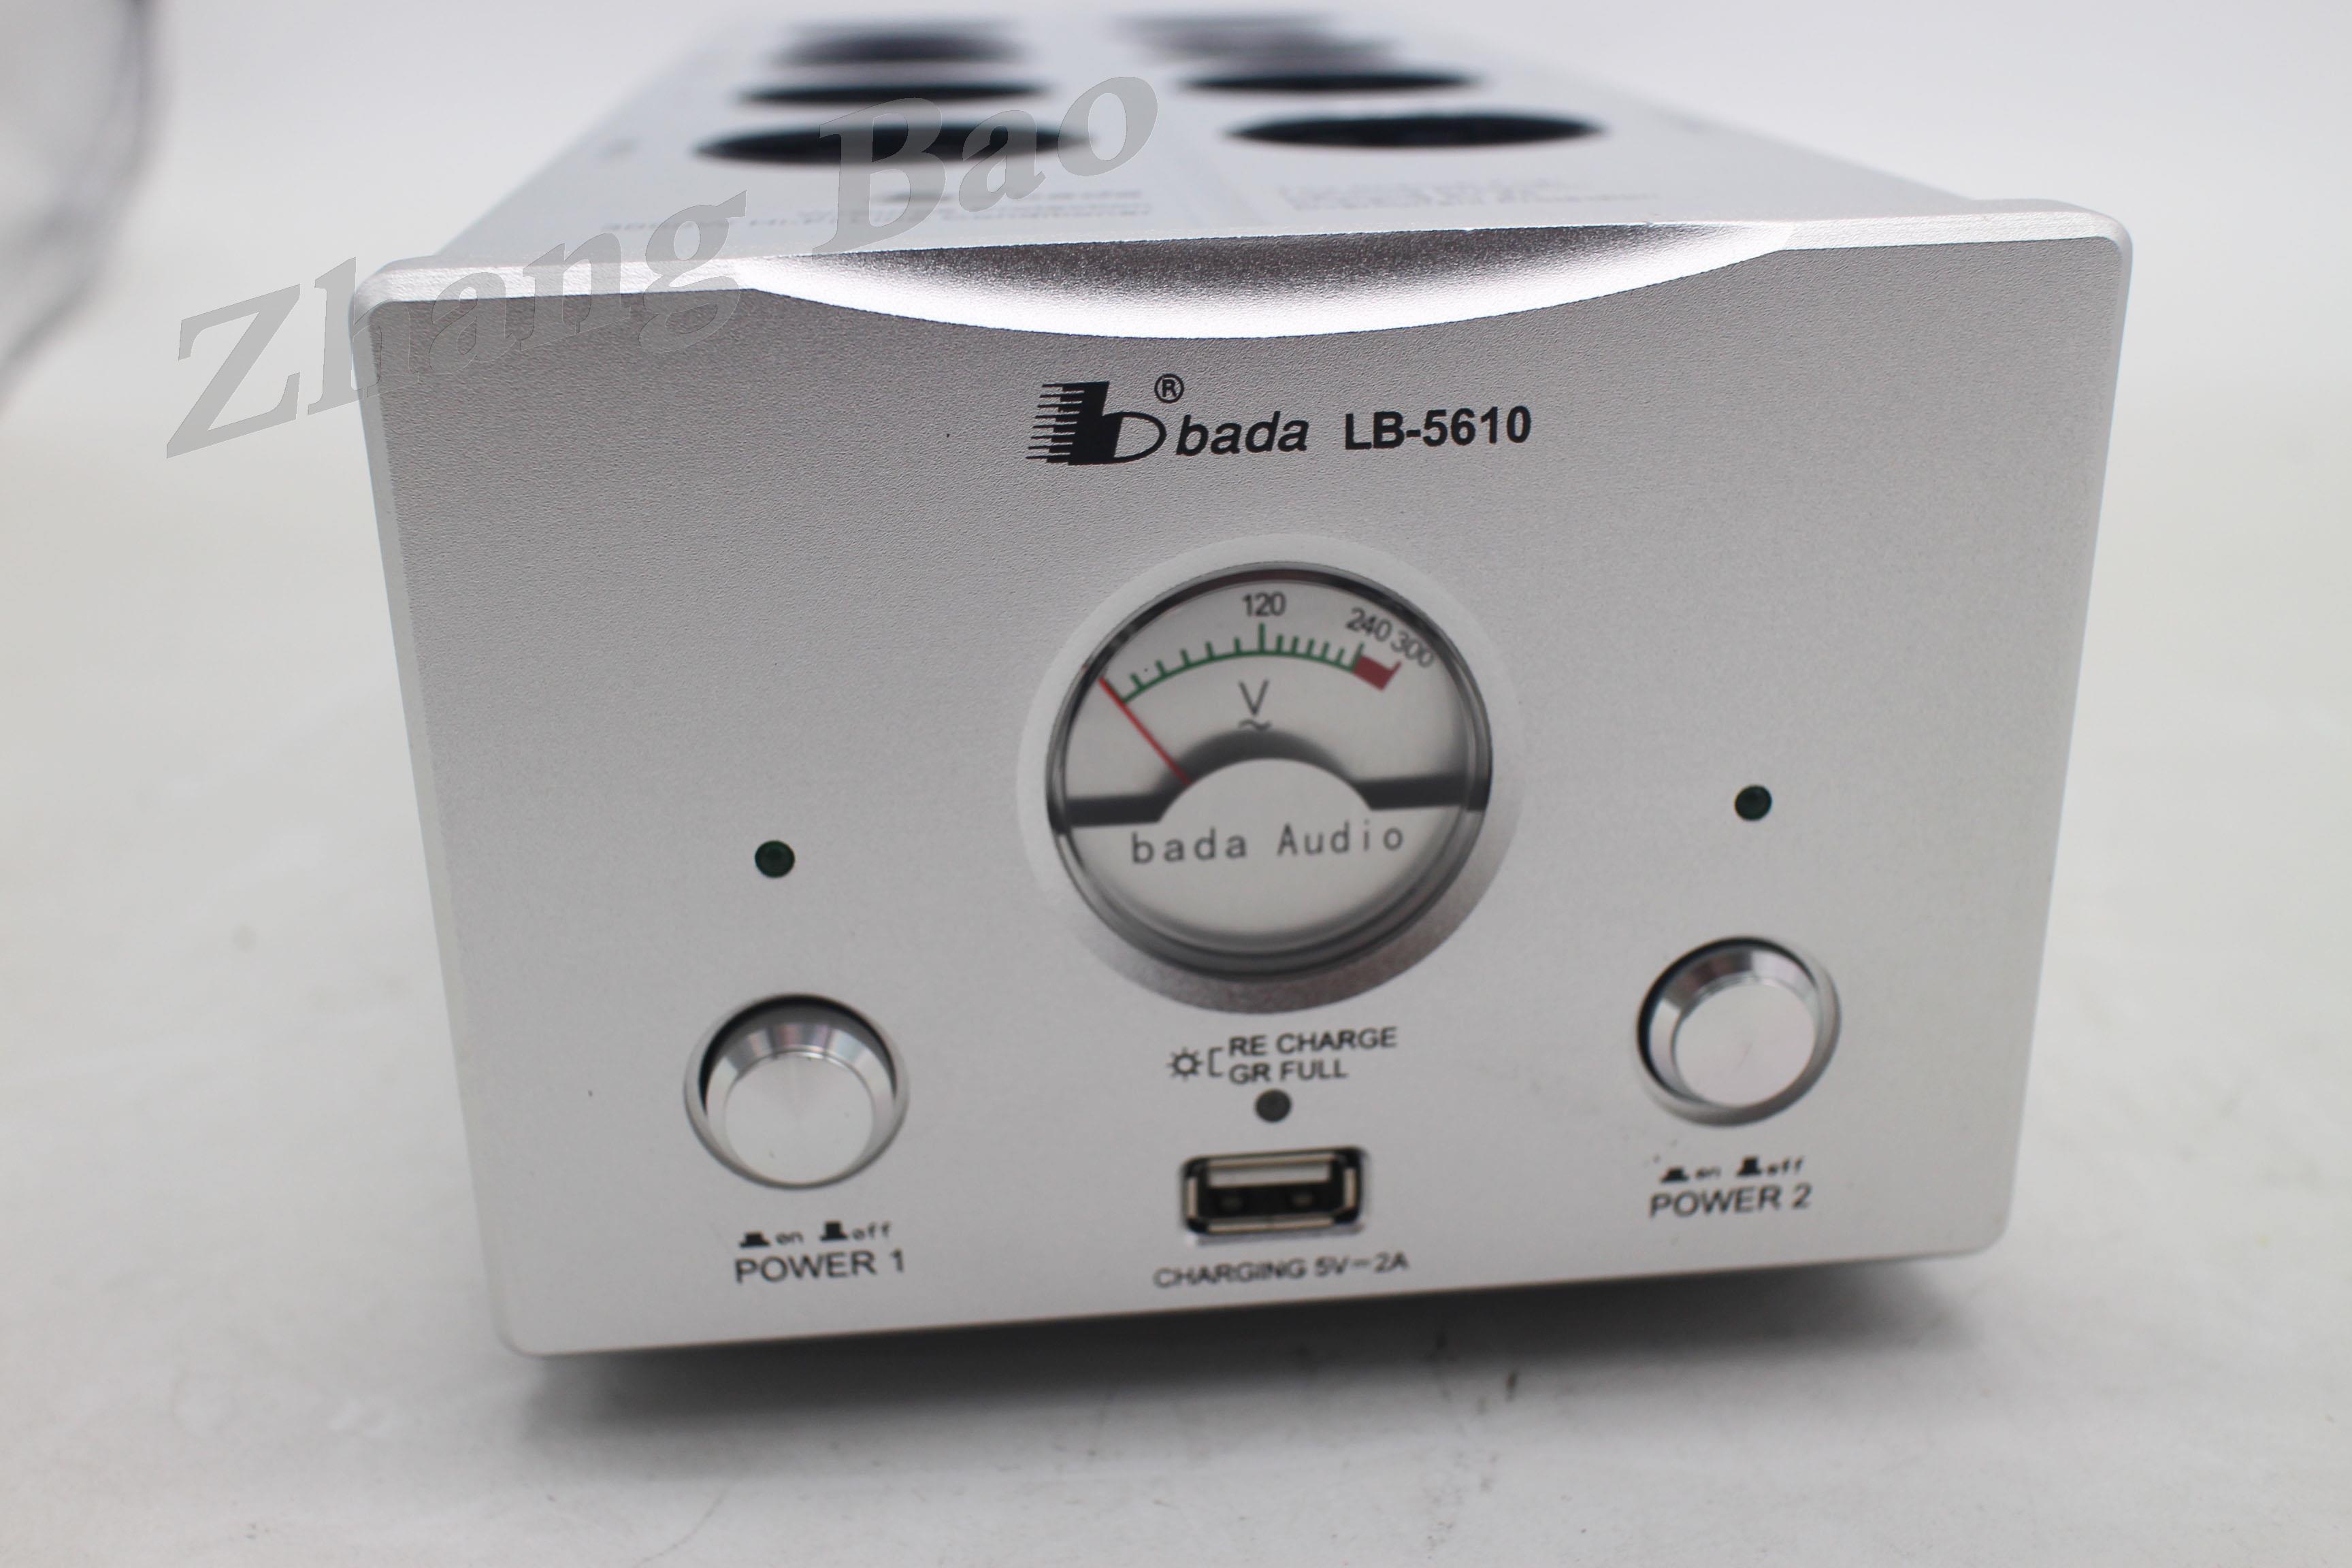 Bada 5610-filtro de Audio de estándar europeo, potente Filtro de fuente de alimentación de 2 canales con salida USB de 5V y 2A